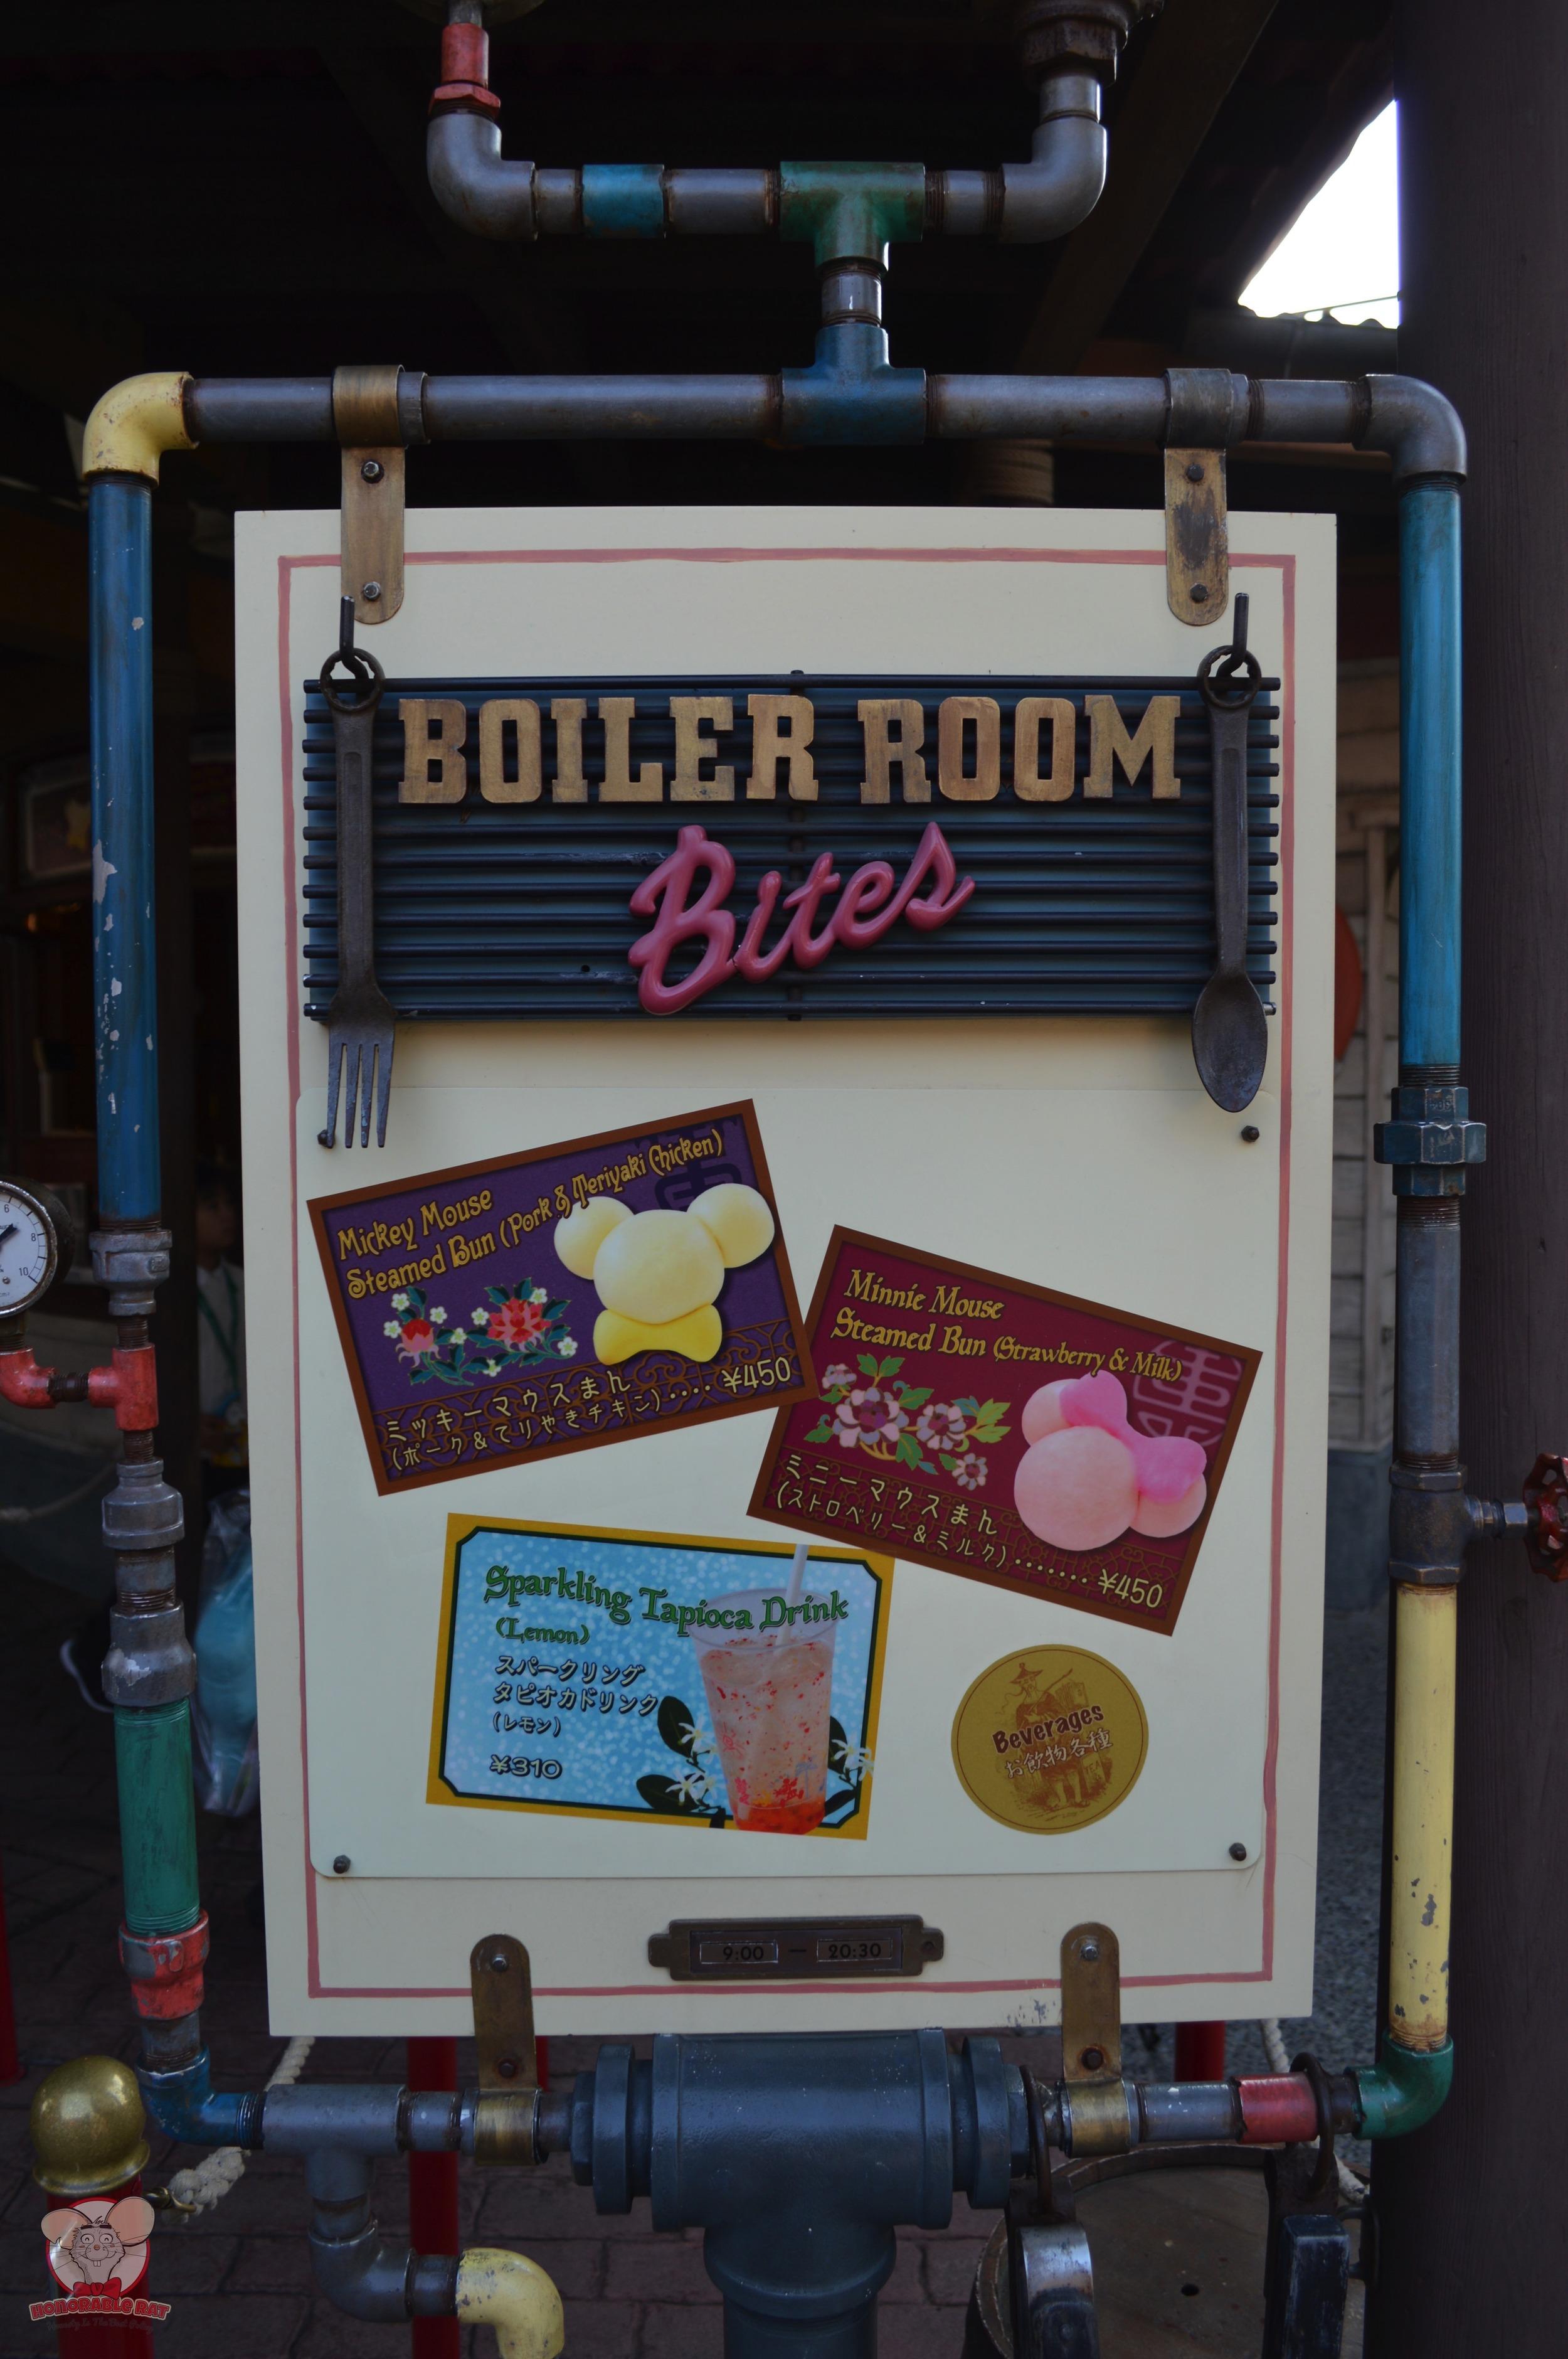 Boiler Room Bites Menu